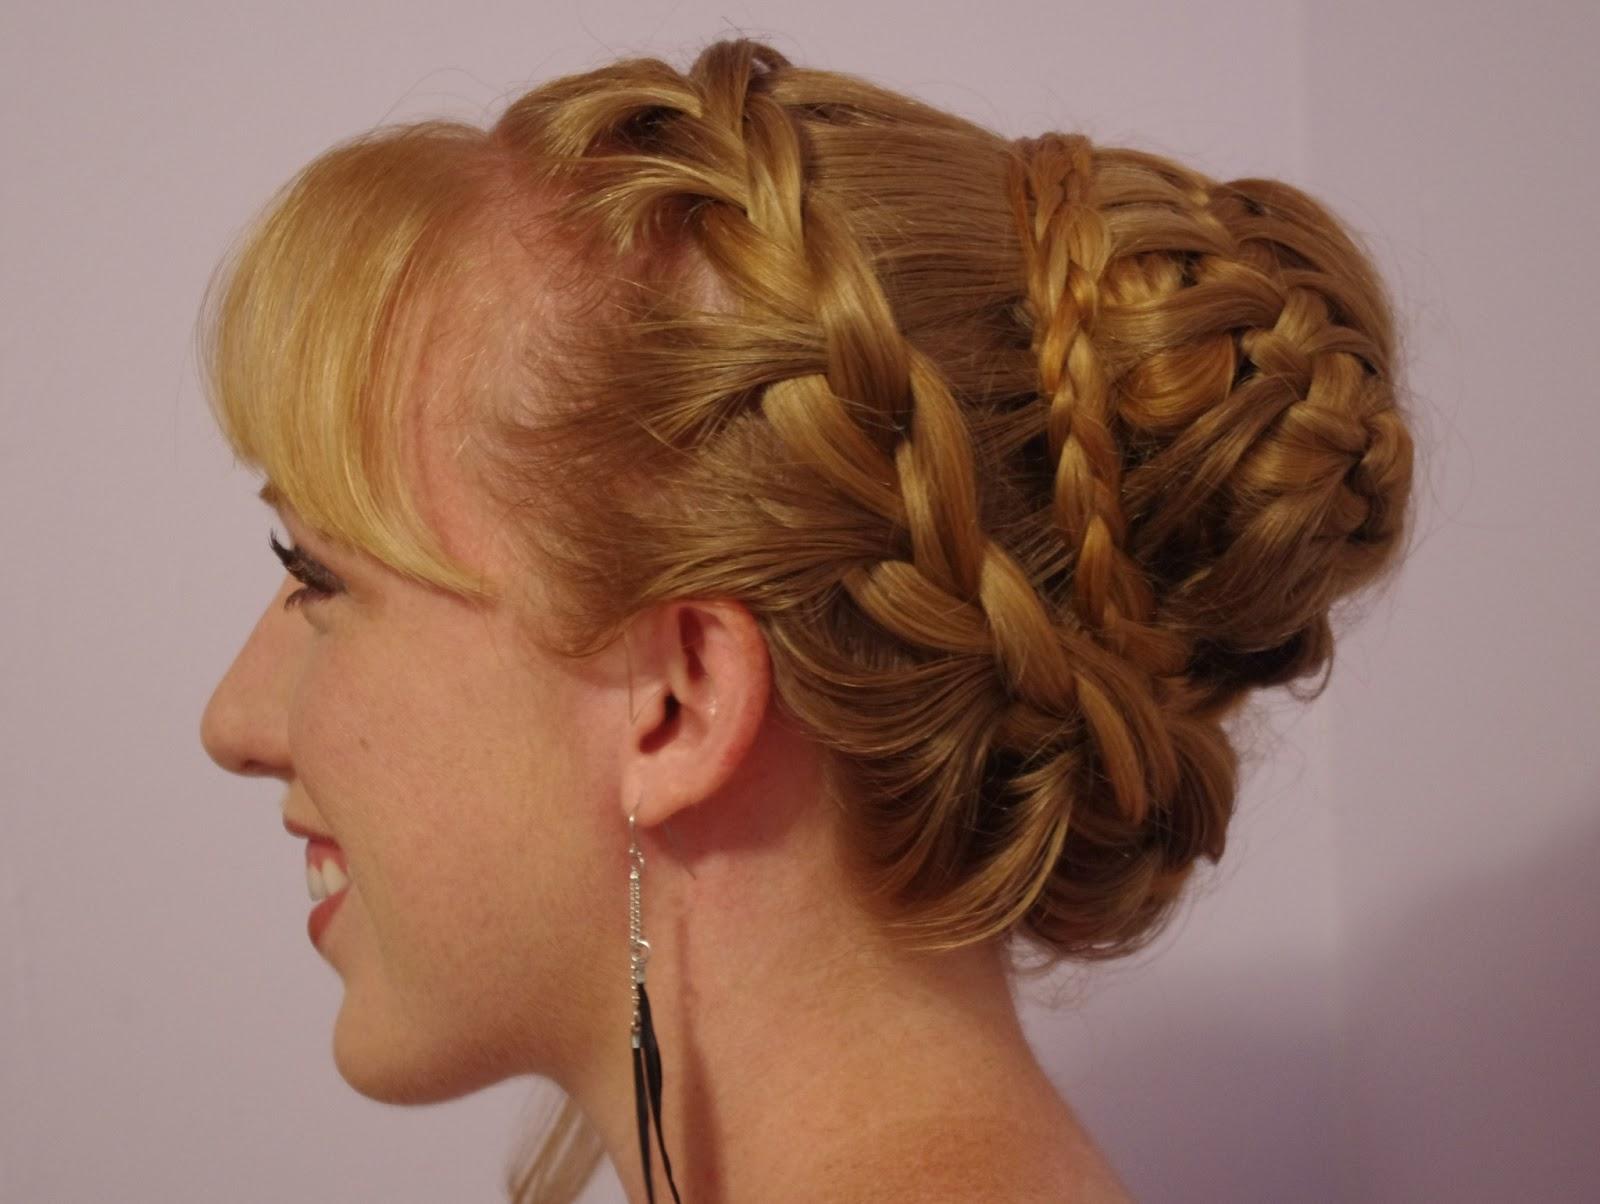 Braids & Hairstyles For Super Long Hair: Fancy Braided Bun